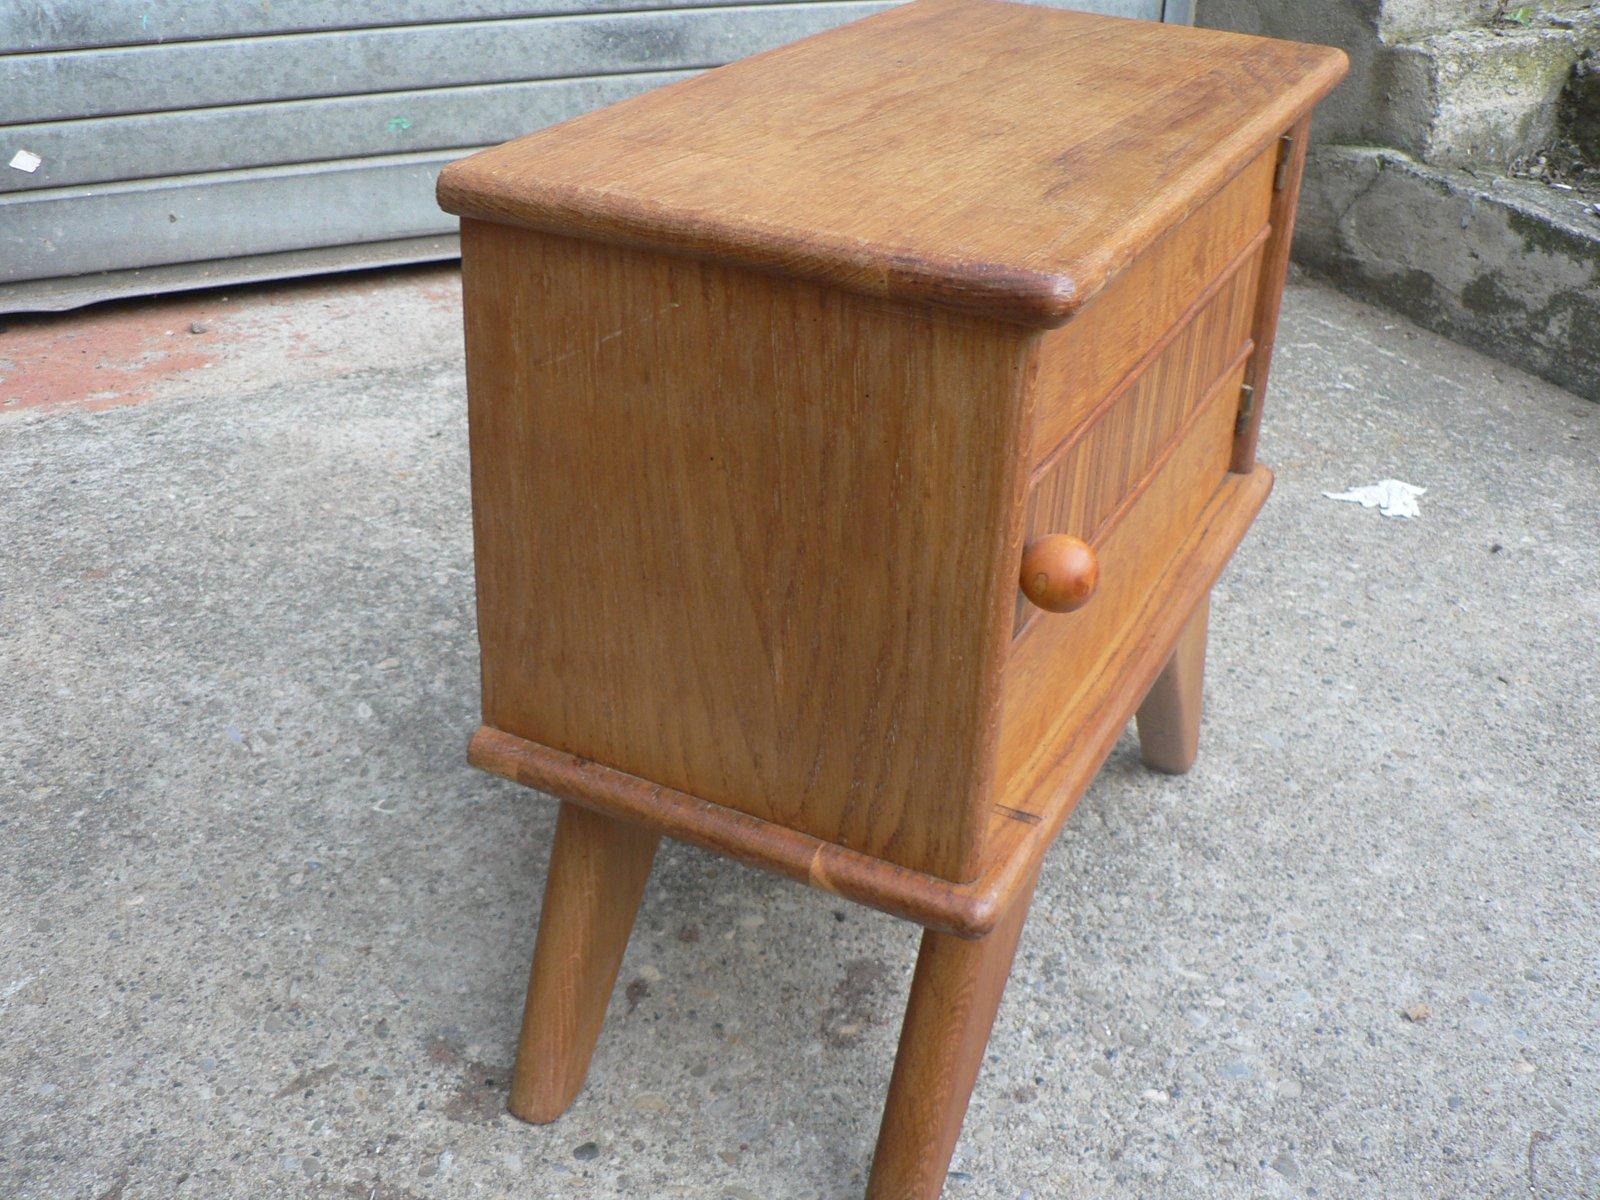 Comodini vintage in legno con gambe a compasso anni 39 50 in vendita su pamono - Gambe mobili anni 50 ...